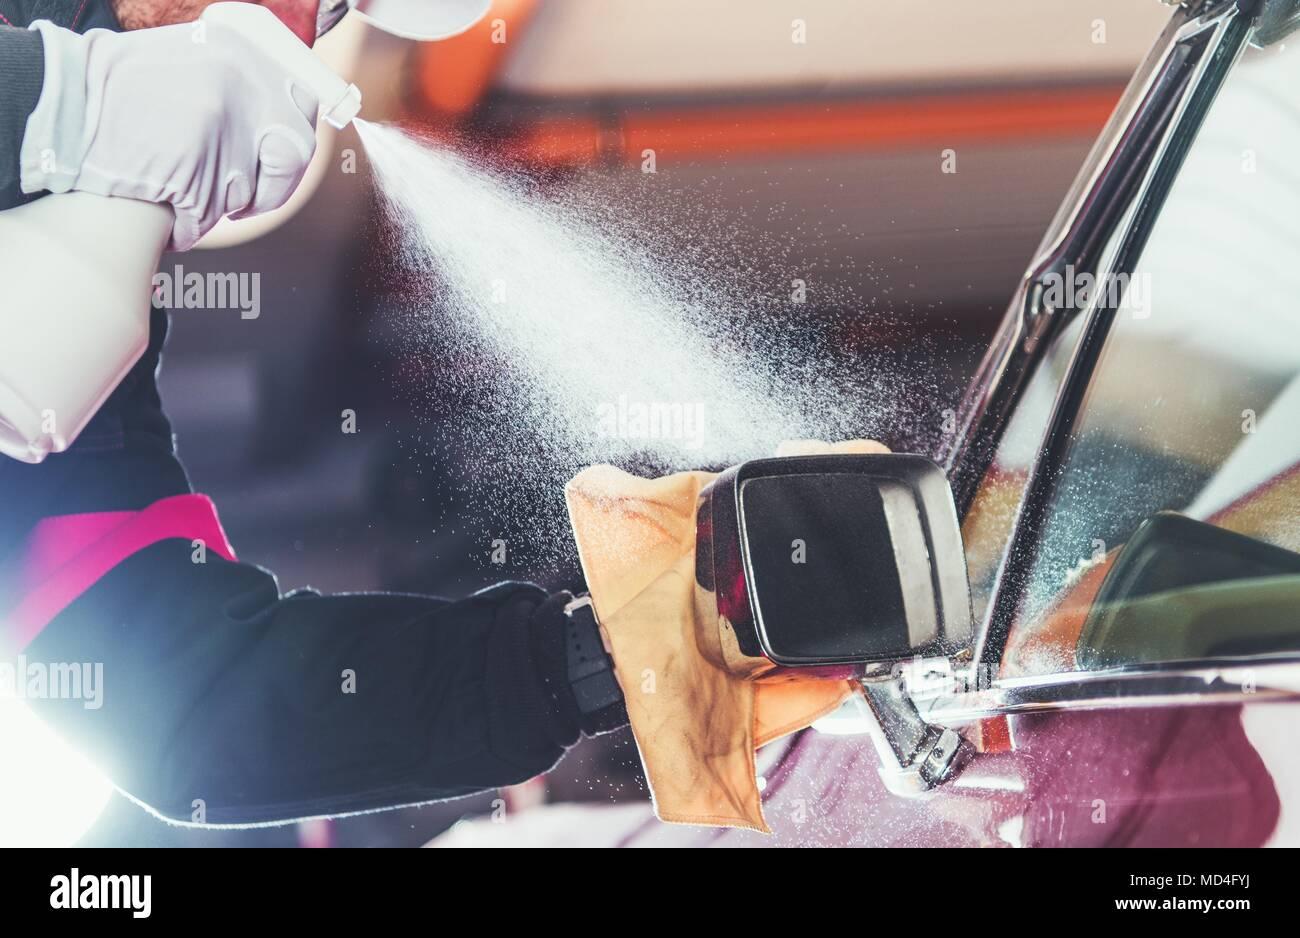 Lavado de coche Vehículo detallando. Limpiador profesional trabajando para limpiar el cuerpo de coches clásicos. Imagen De Stock